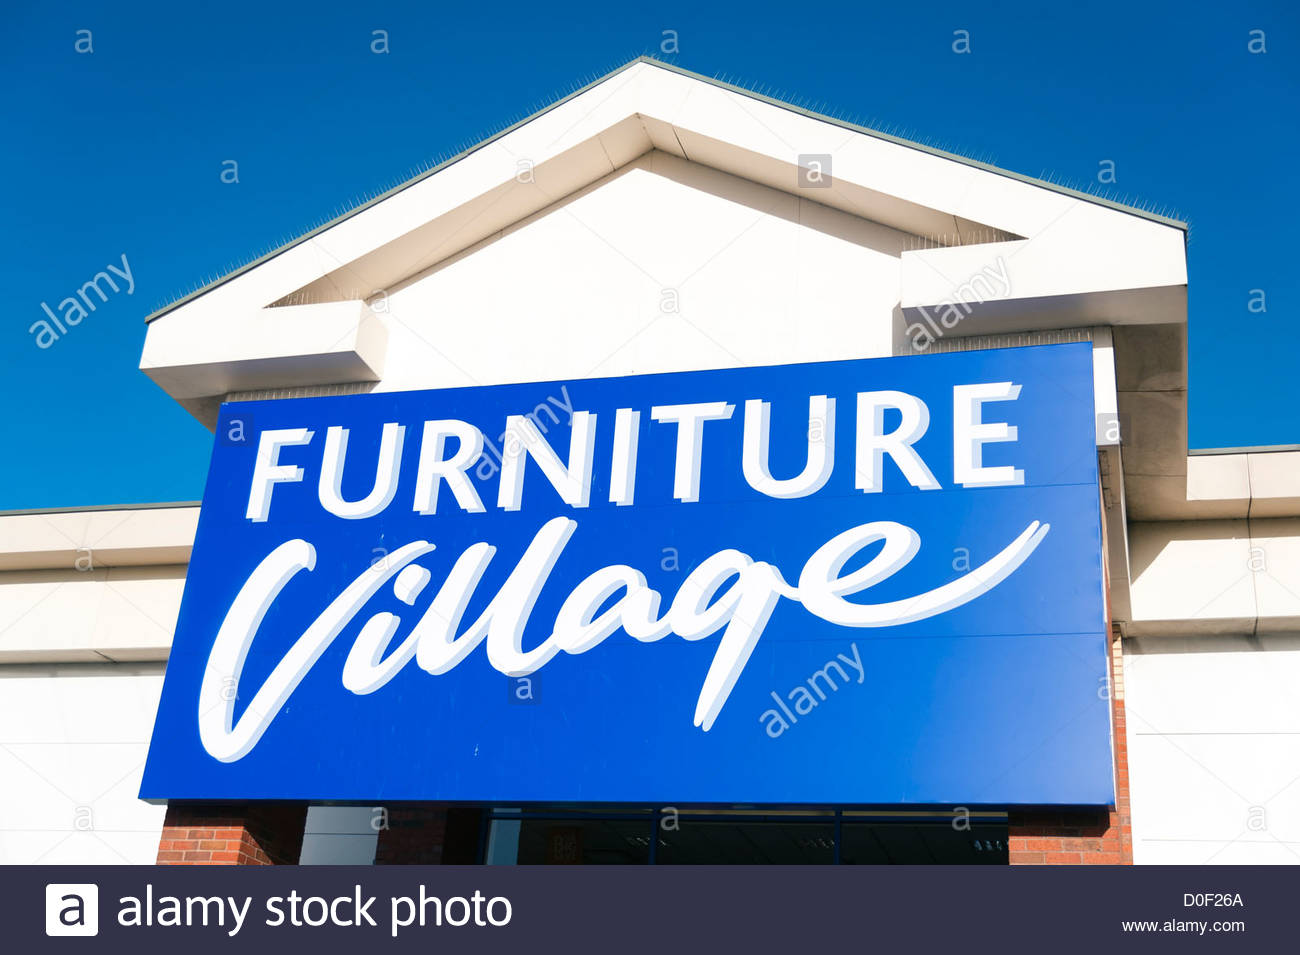 furniture village store uk Stock Photos & furniture village store uk ...